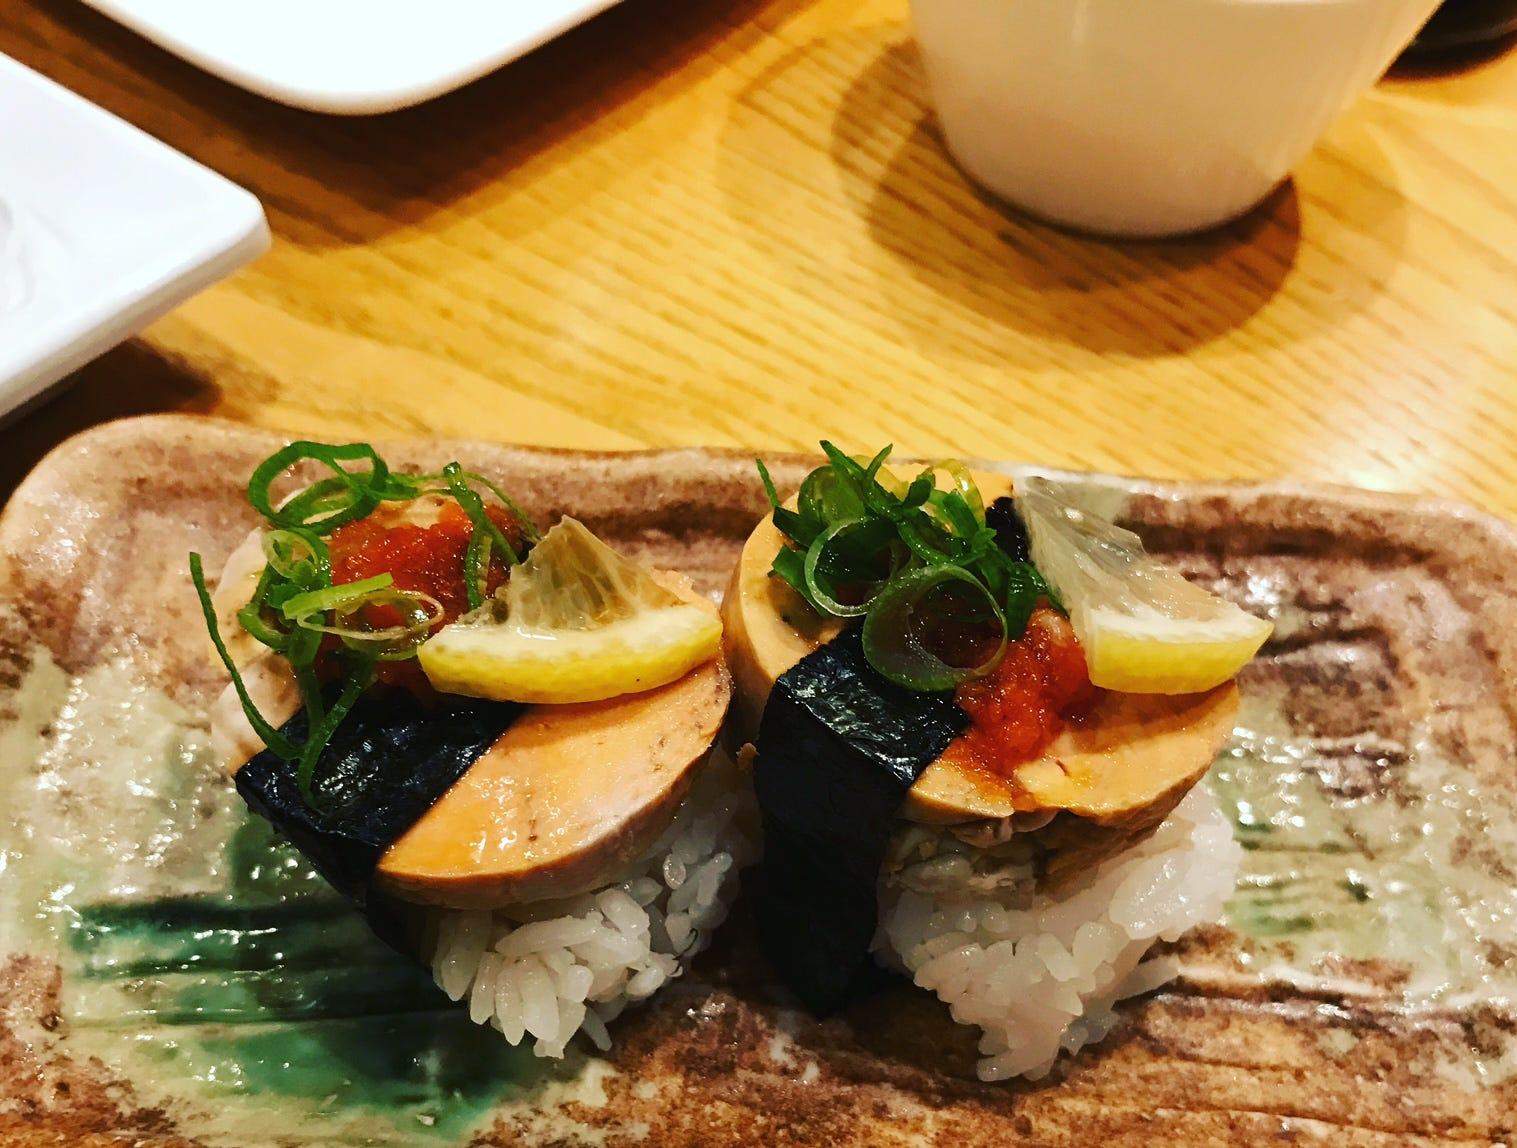 As creamy as foie gras: monkfish liver at Sakura Bana in Ridgewood